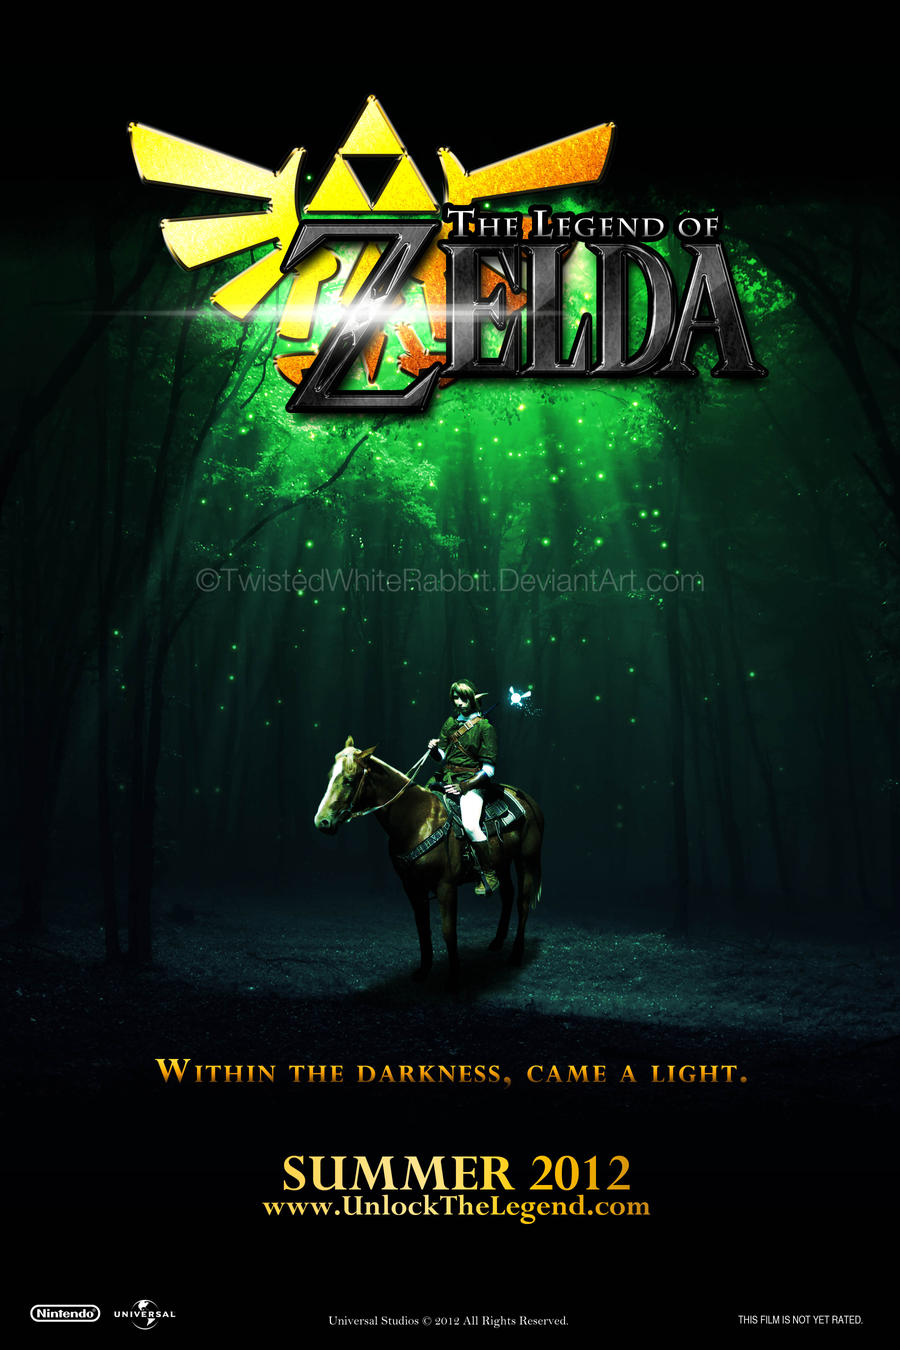 Legend of Zelda Movie Poster